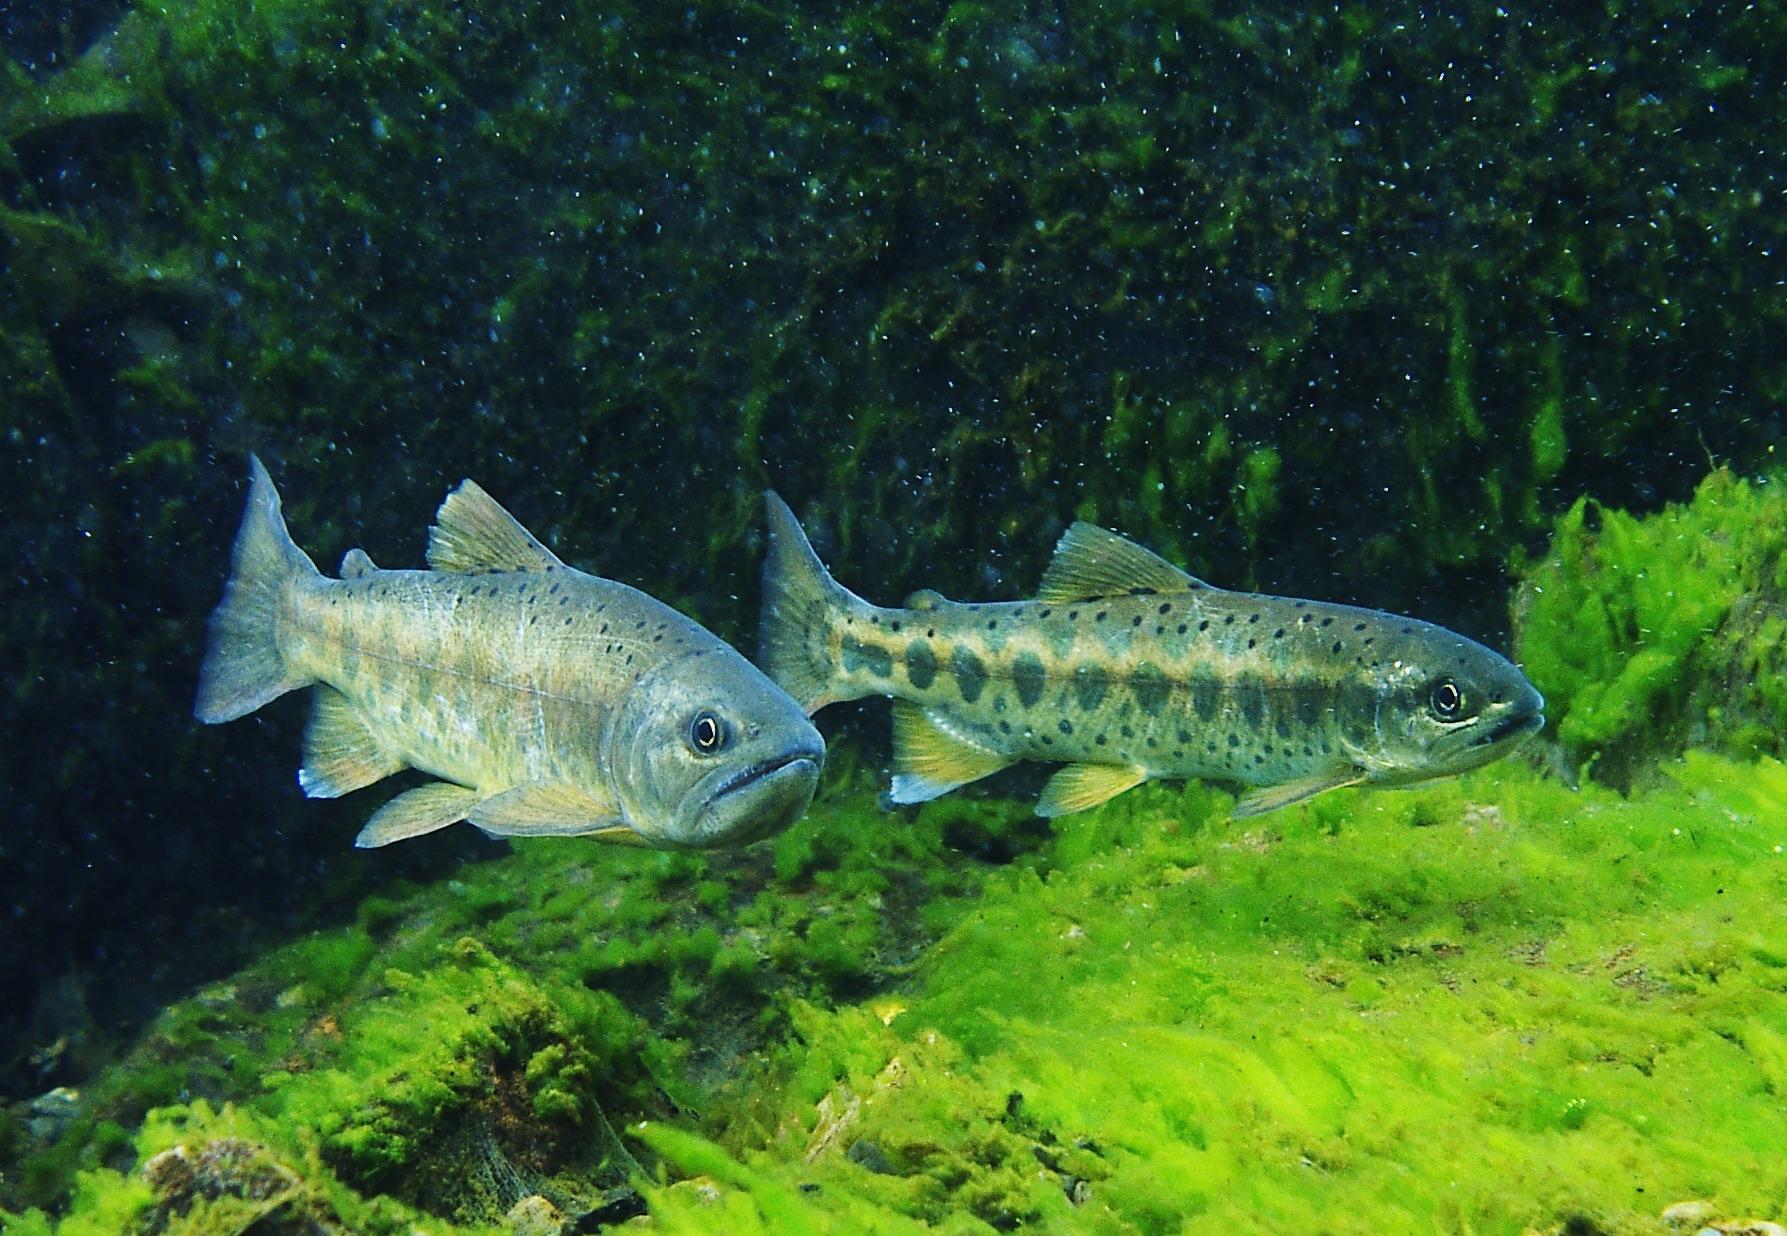 臺灣櫻花鉤吻鮭的消失與重生-雪霸處25年鮭魚保育歷程展